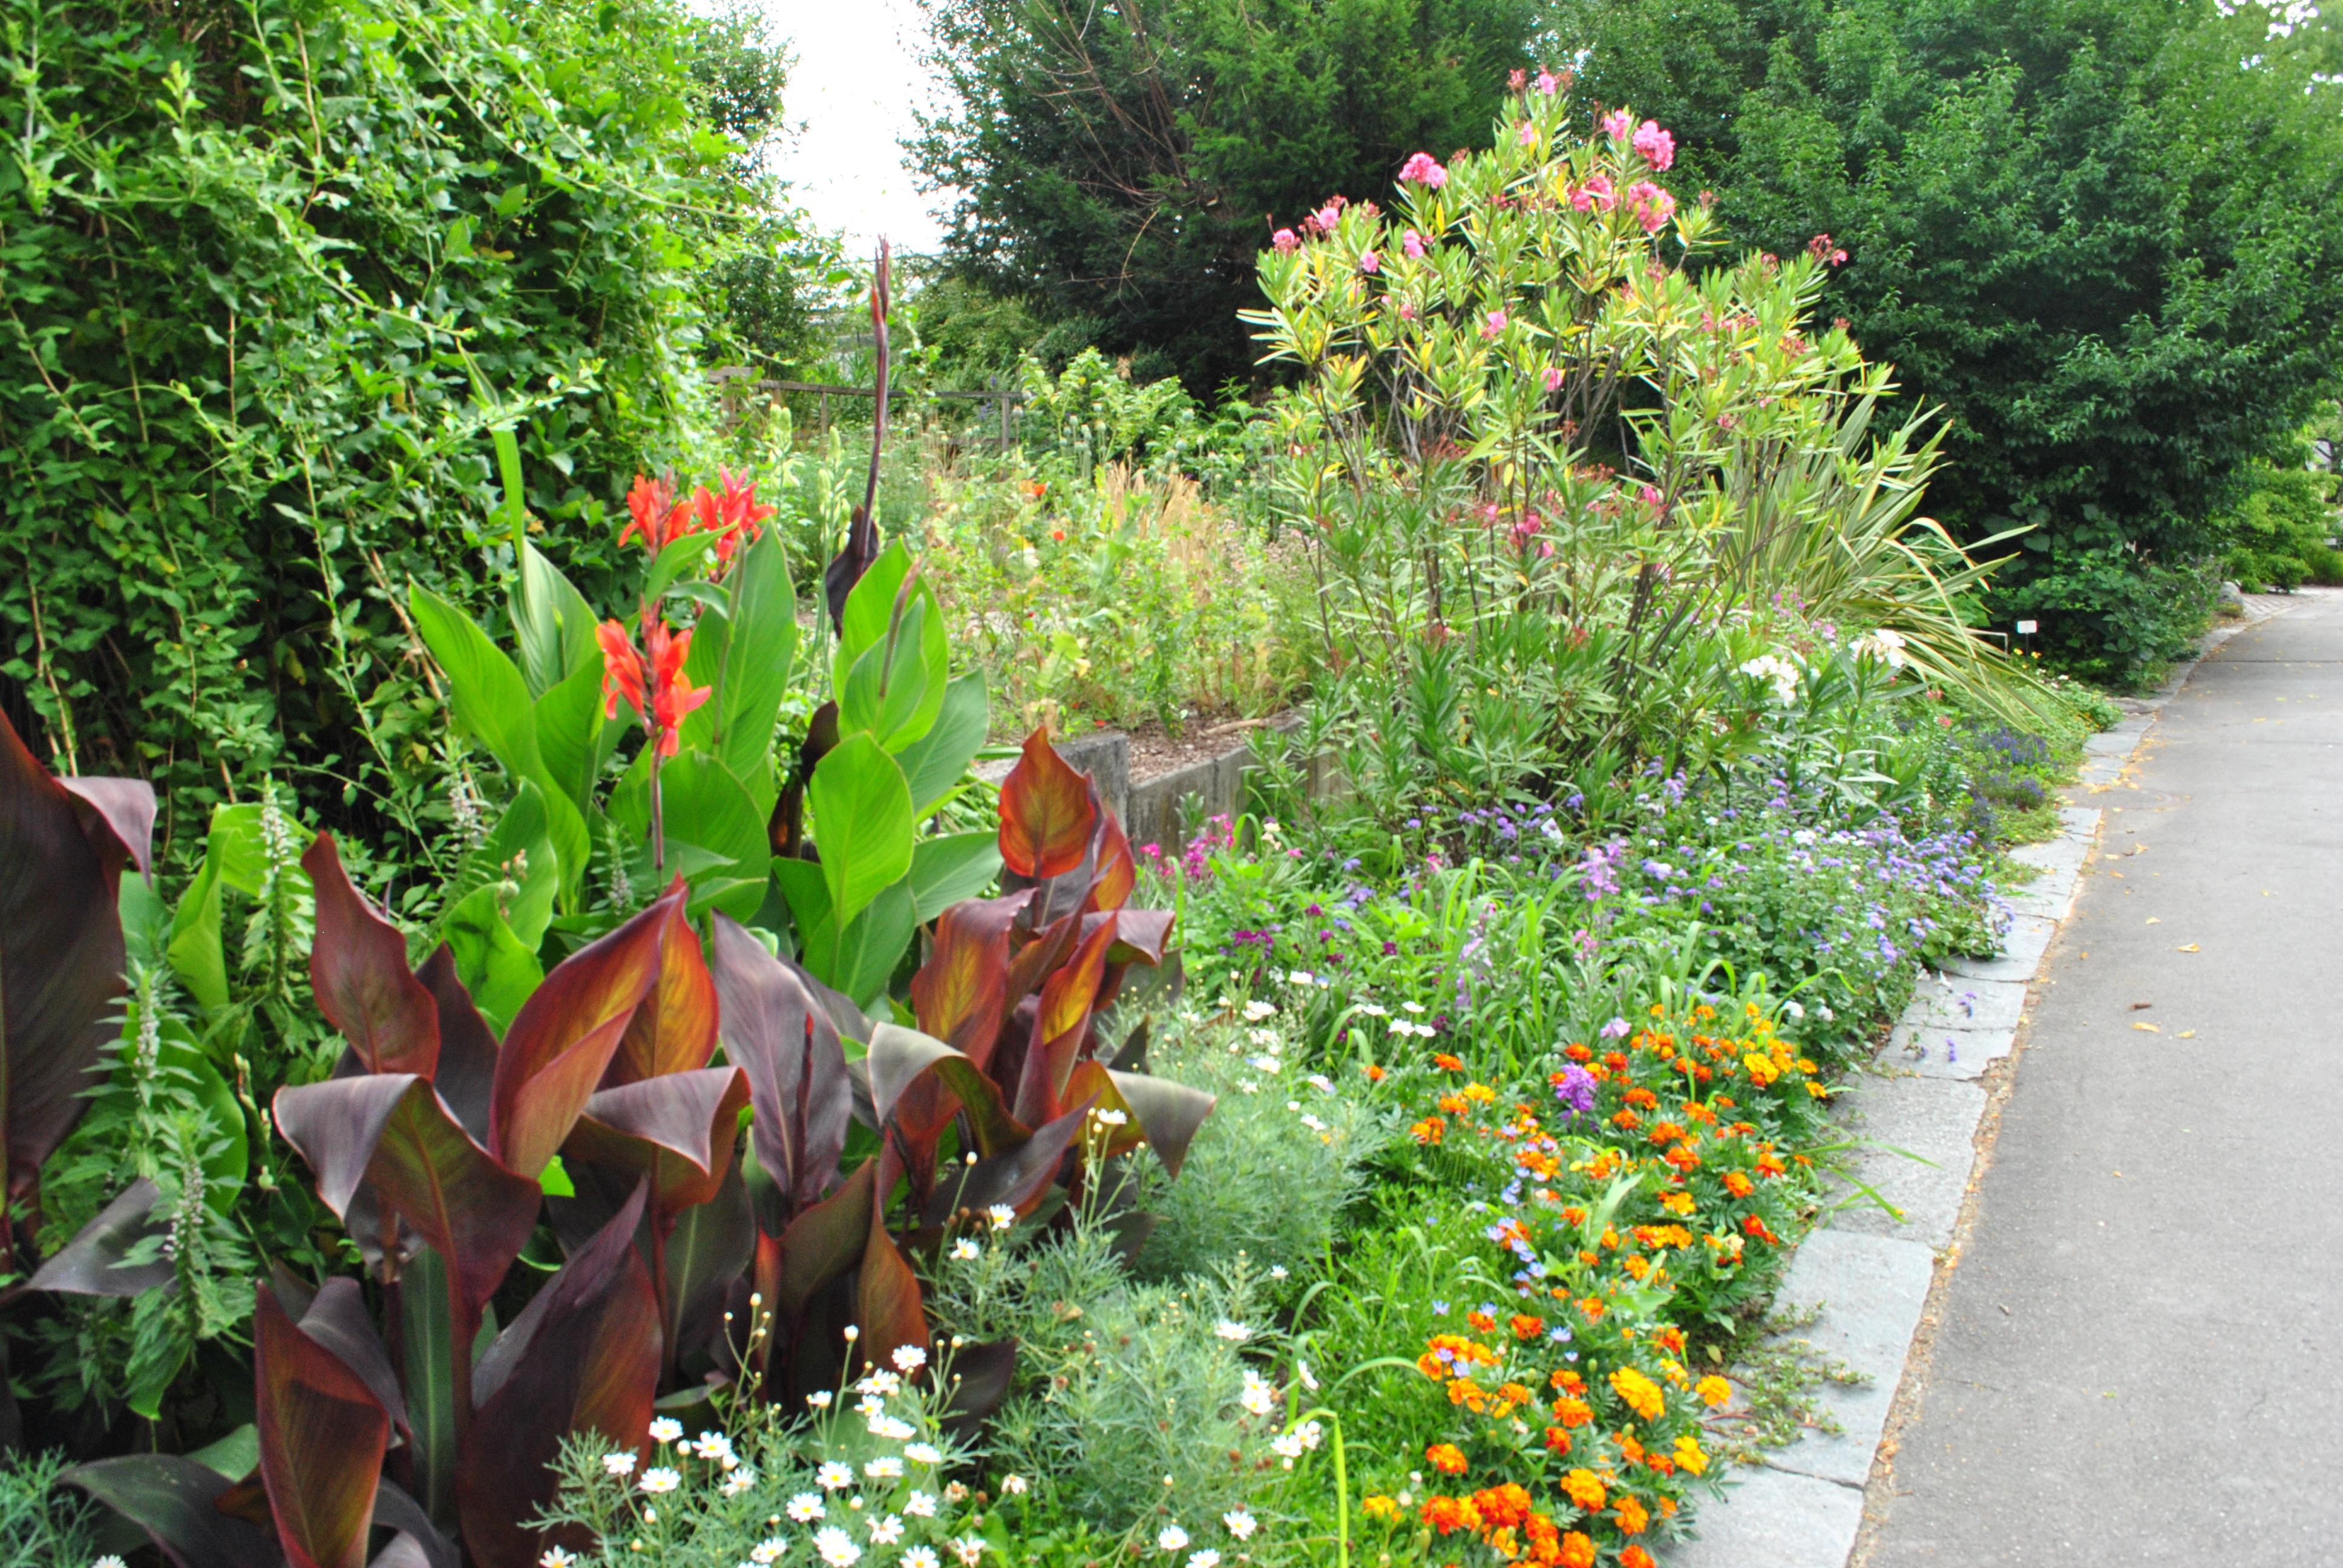 university of innsbruck botanical garden